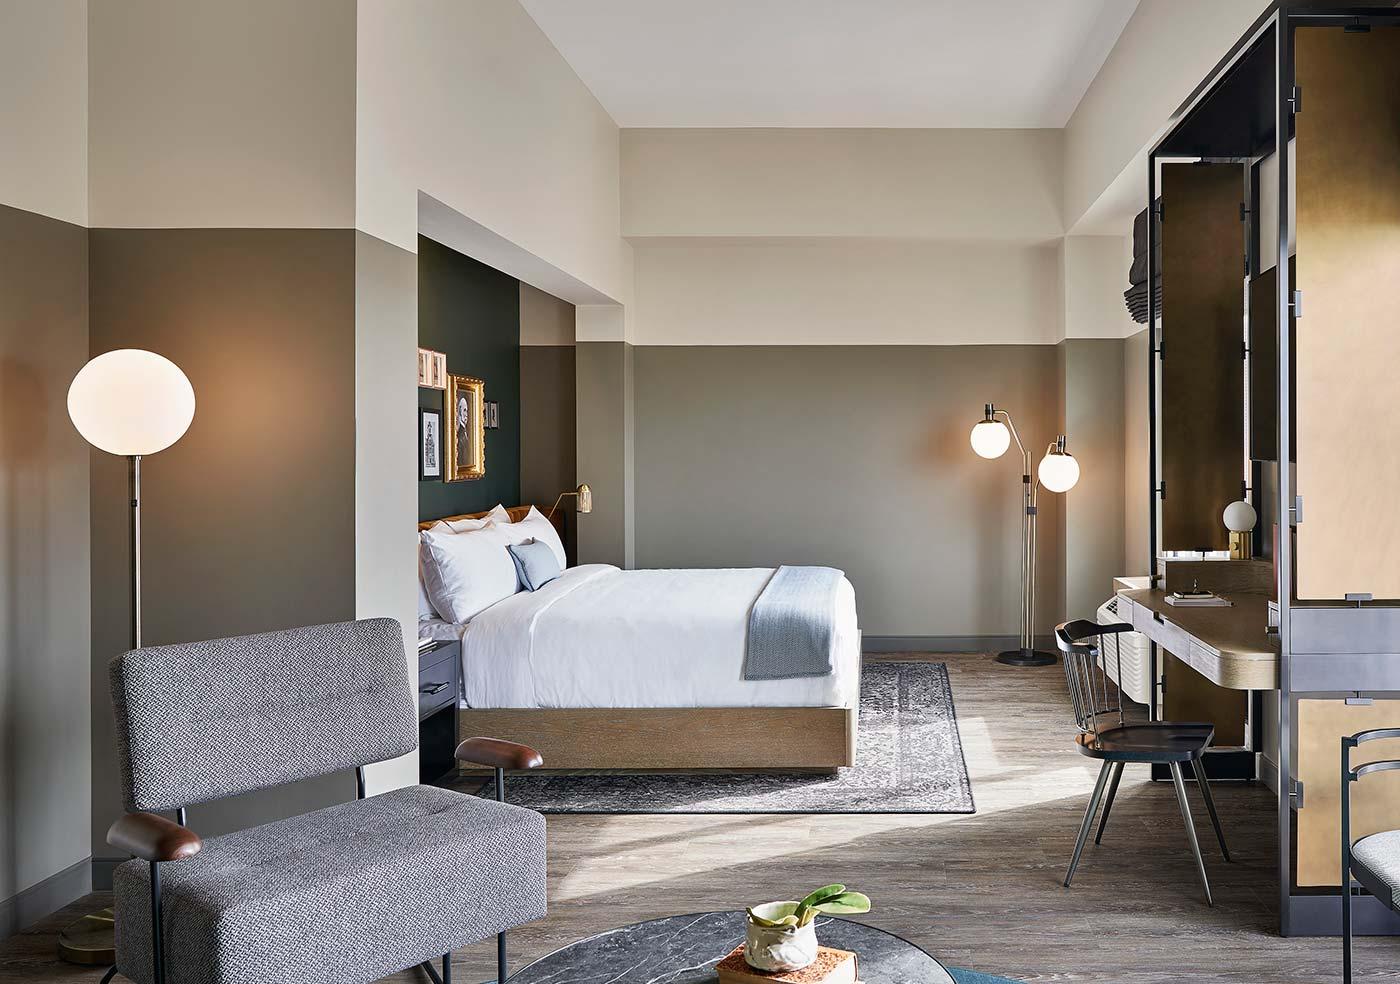 guest bedroom in hotel suite